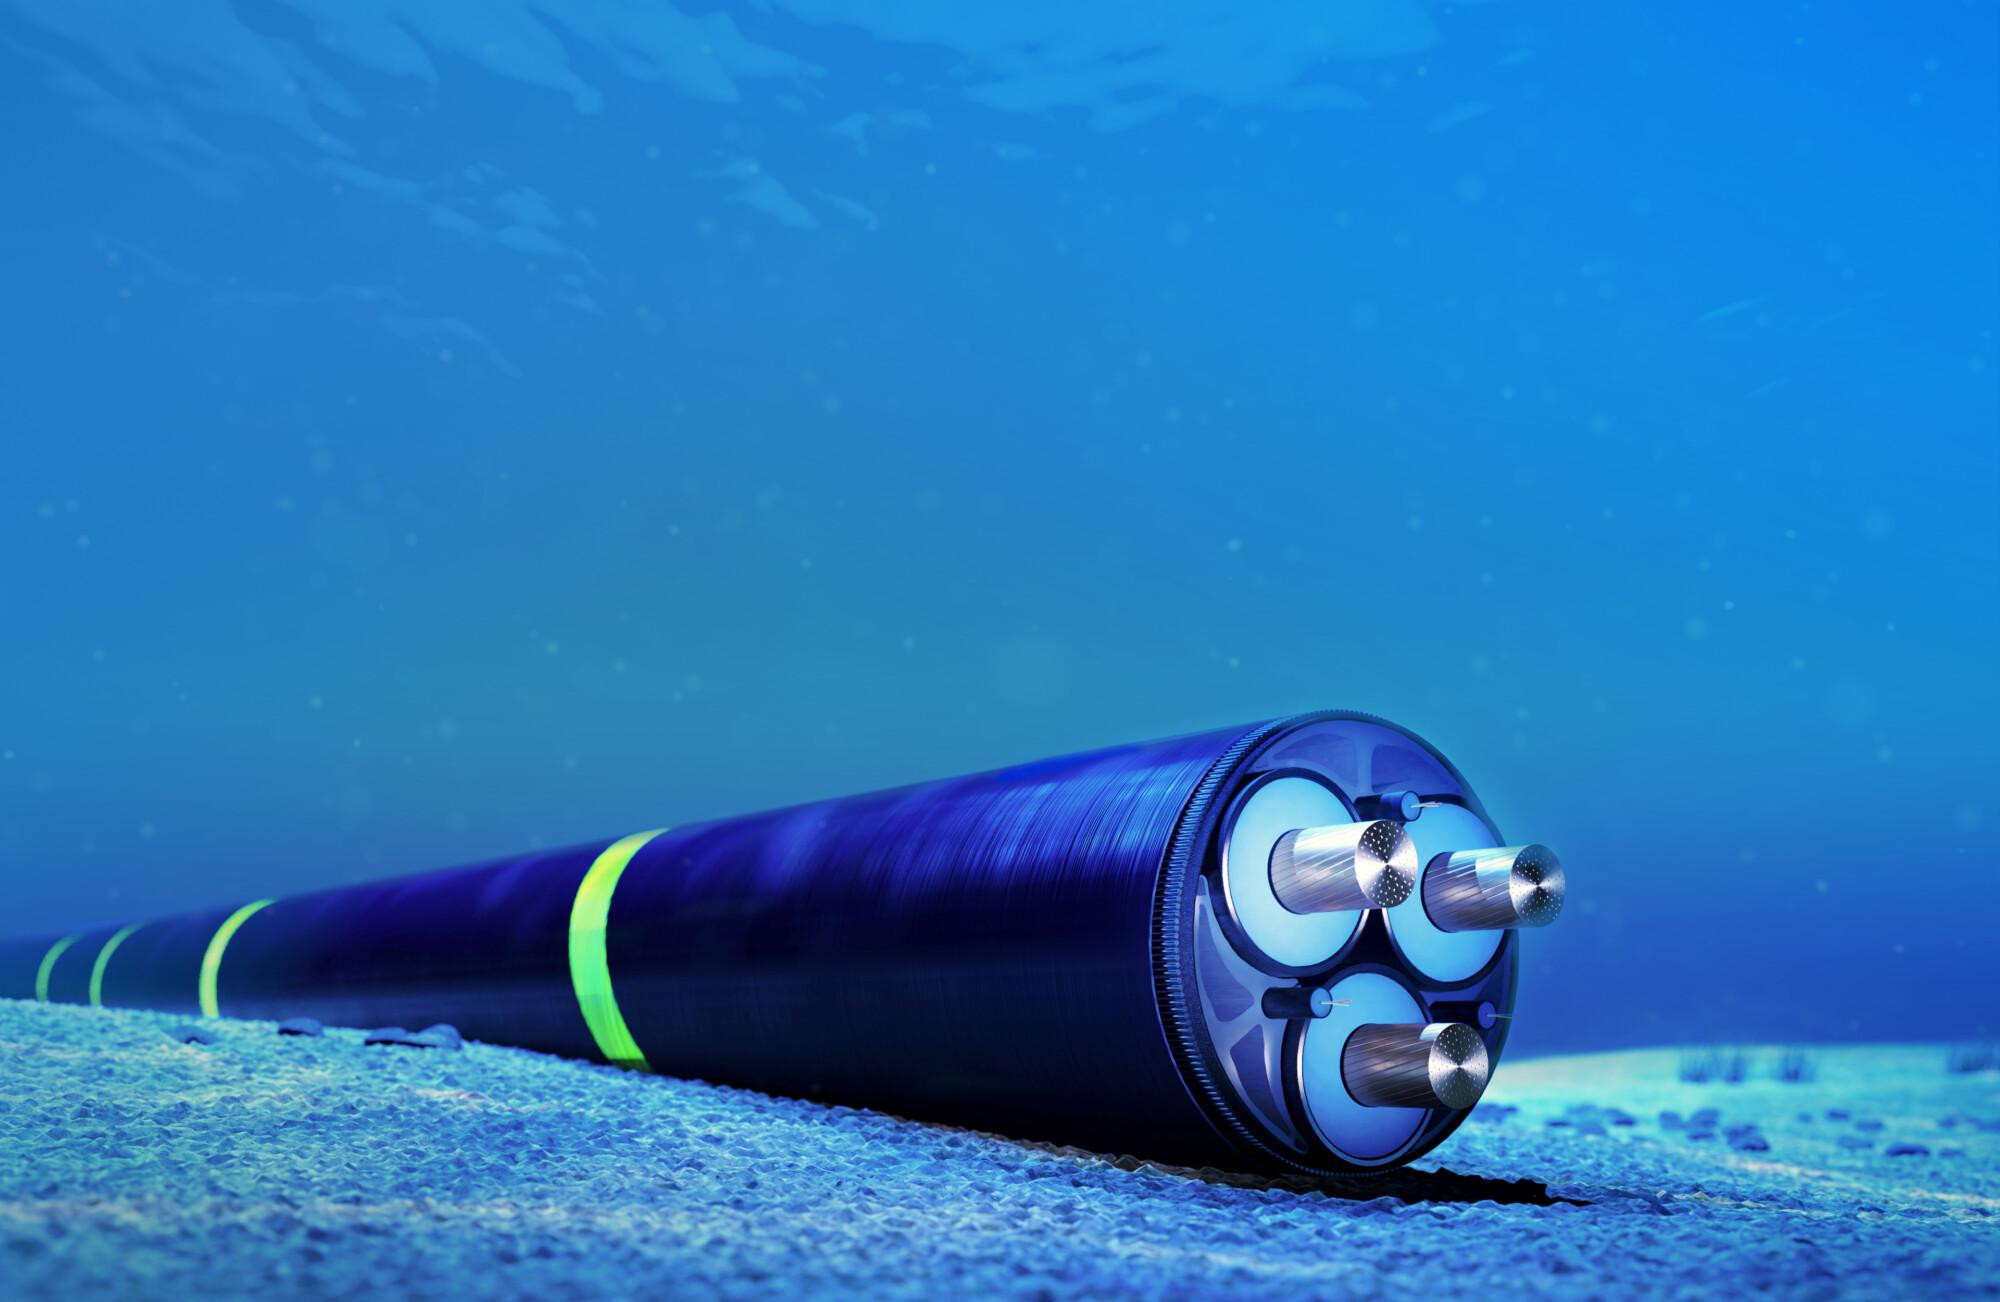 Подводный кабель который должен соединить Мурманск - 9й год планов, сверок, сводок 1